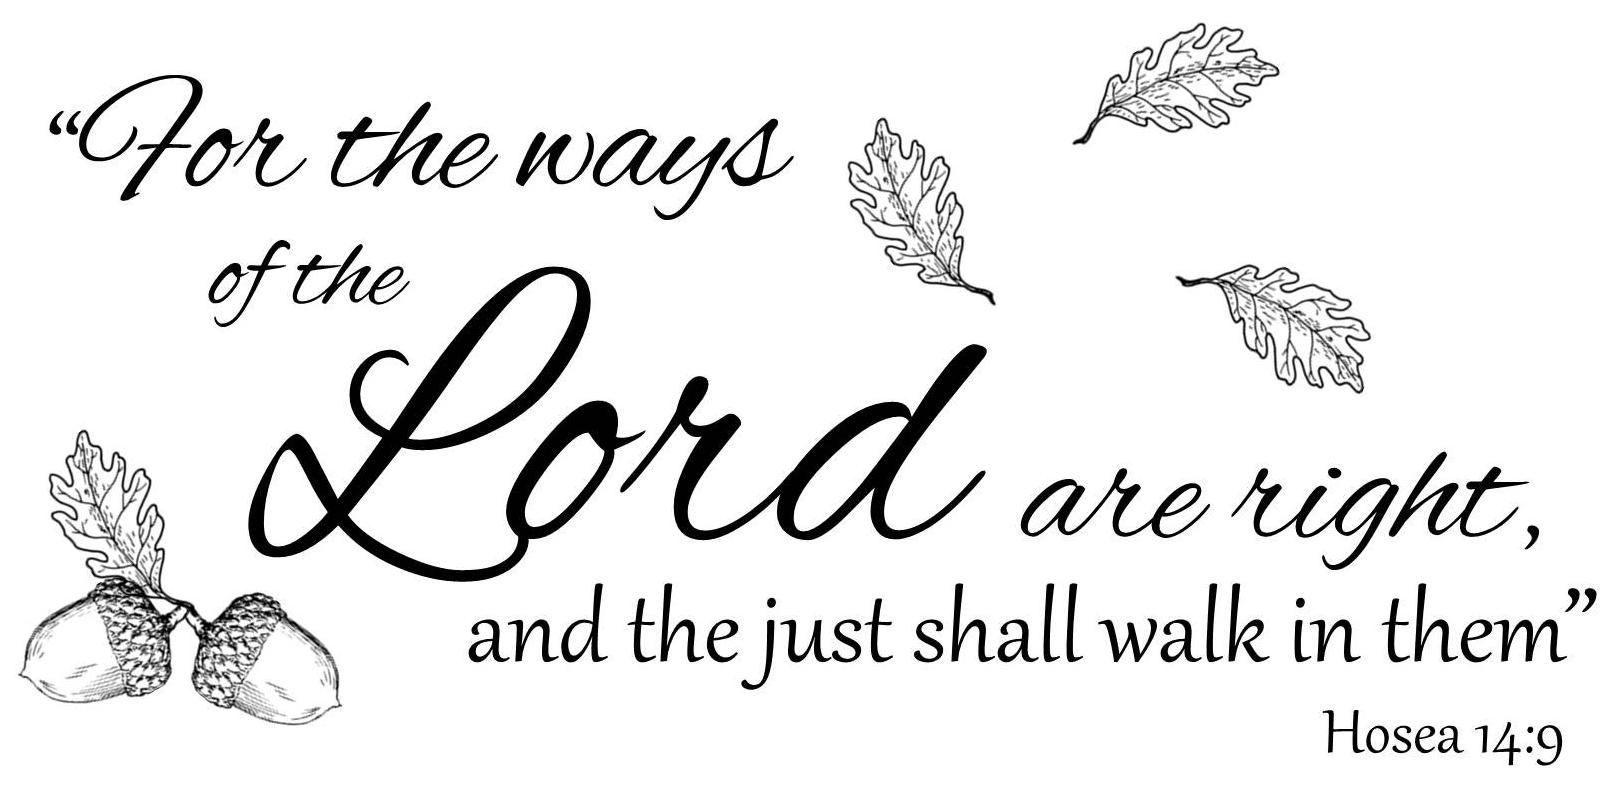 Hosea 14:9